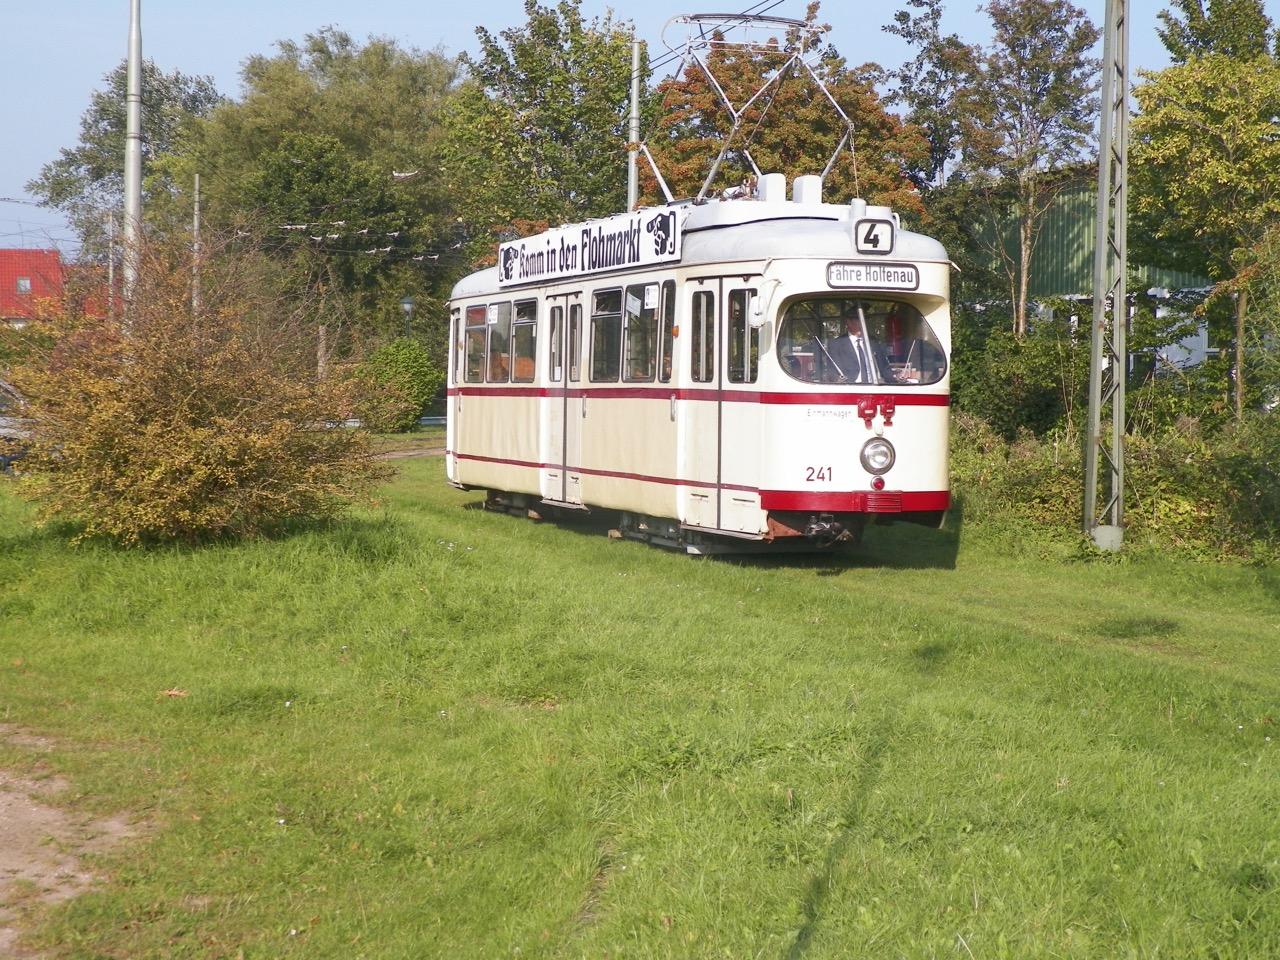 Kieler Wagen 241